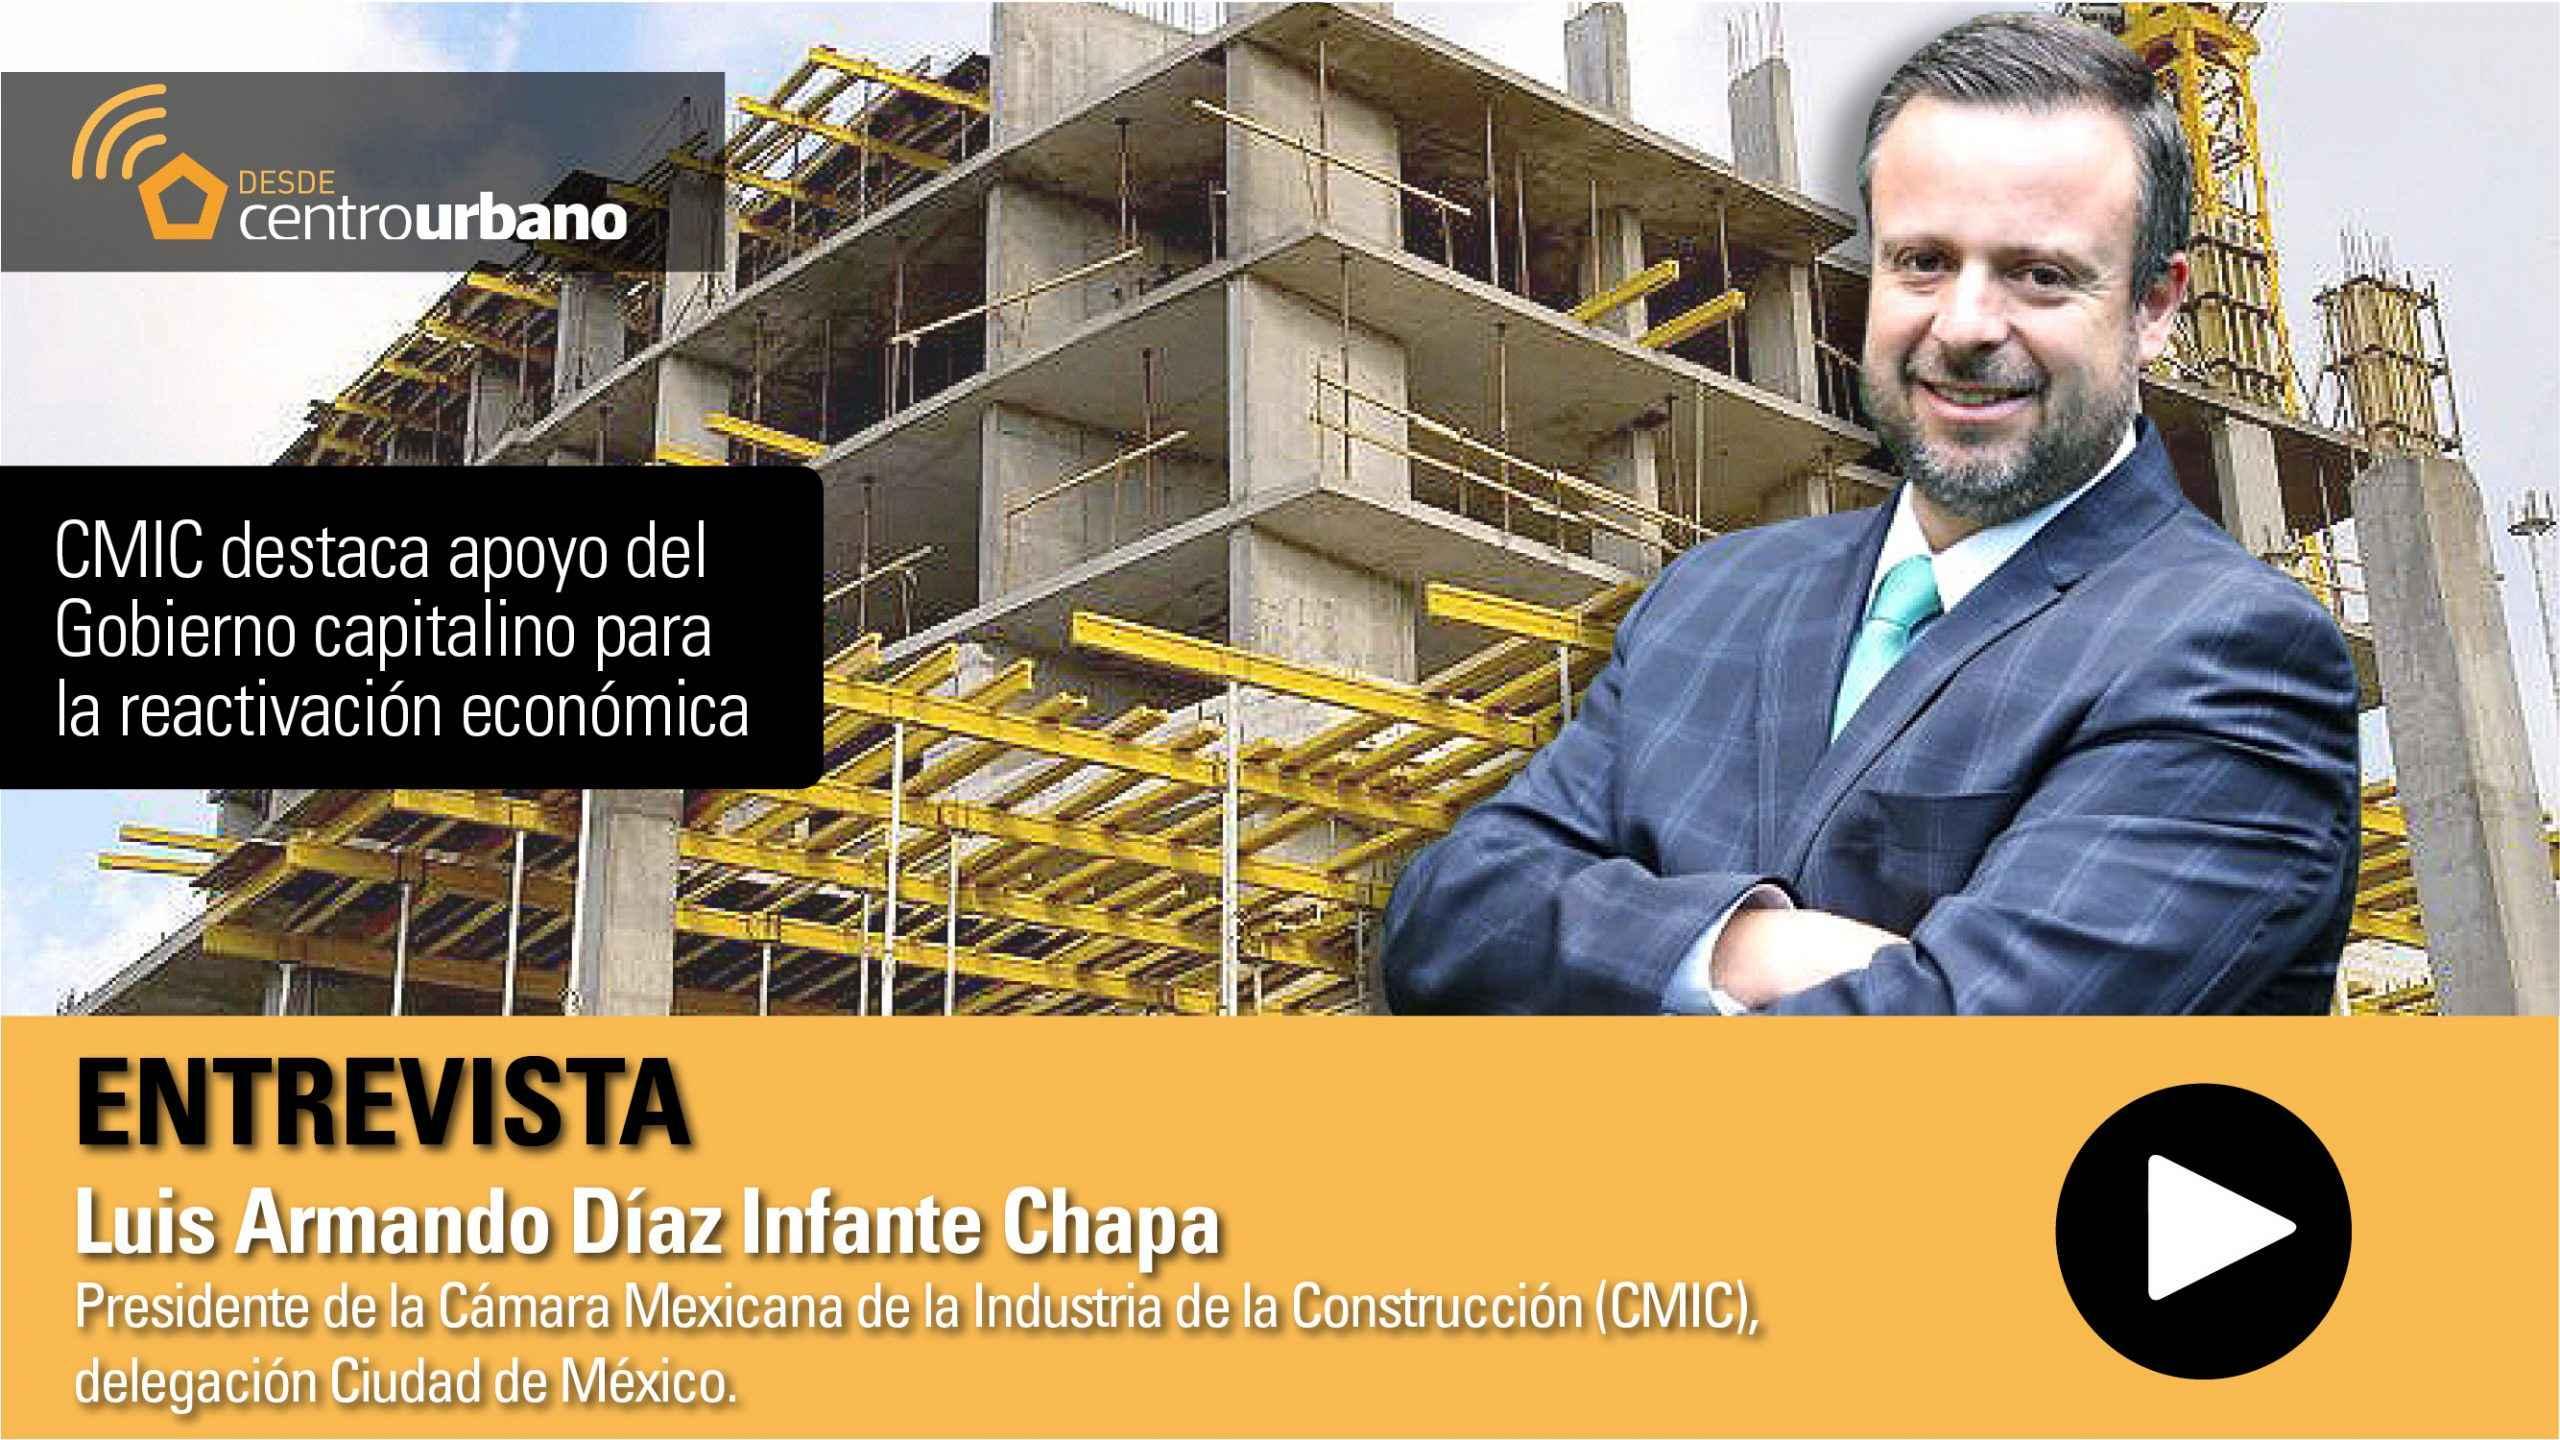 CMIC destaca apoyo del Gobierno capitalino